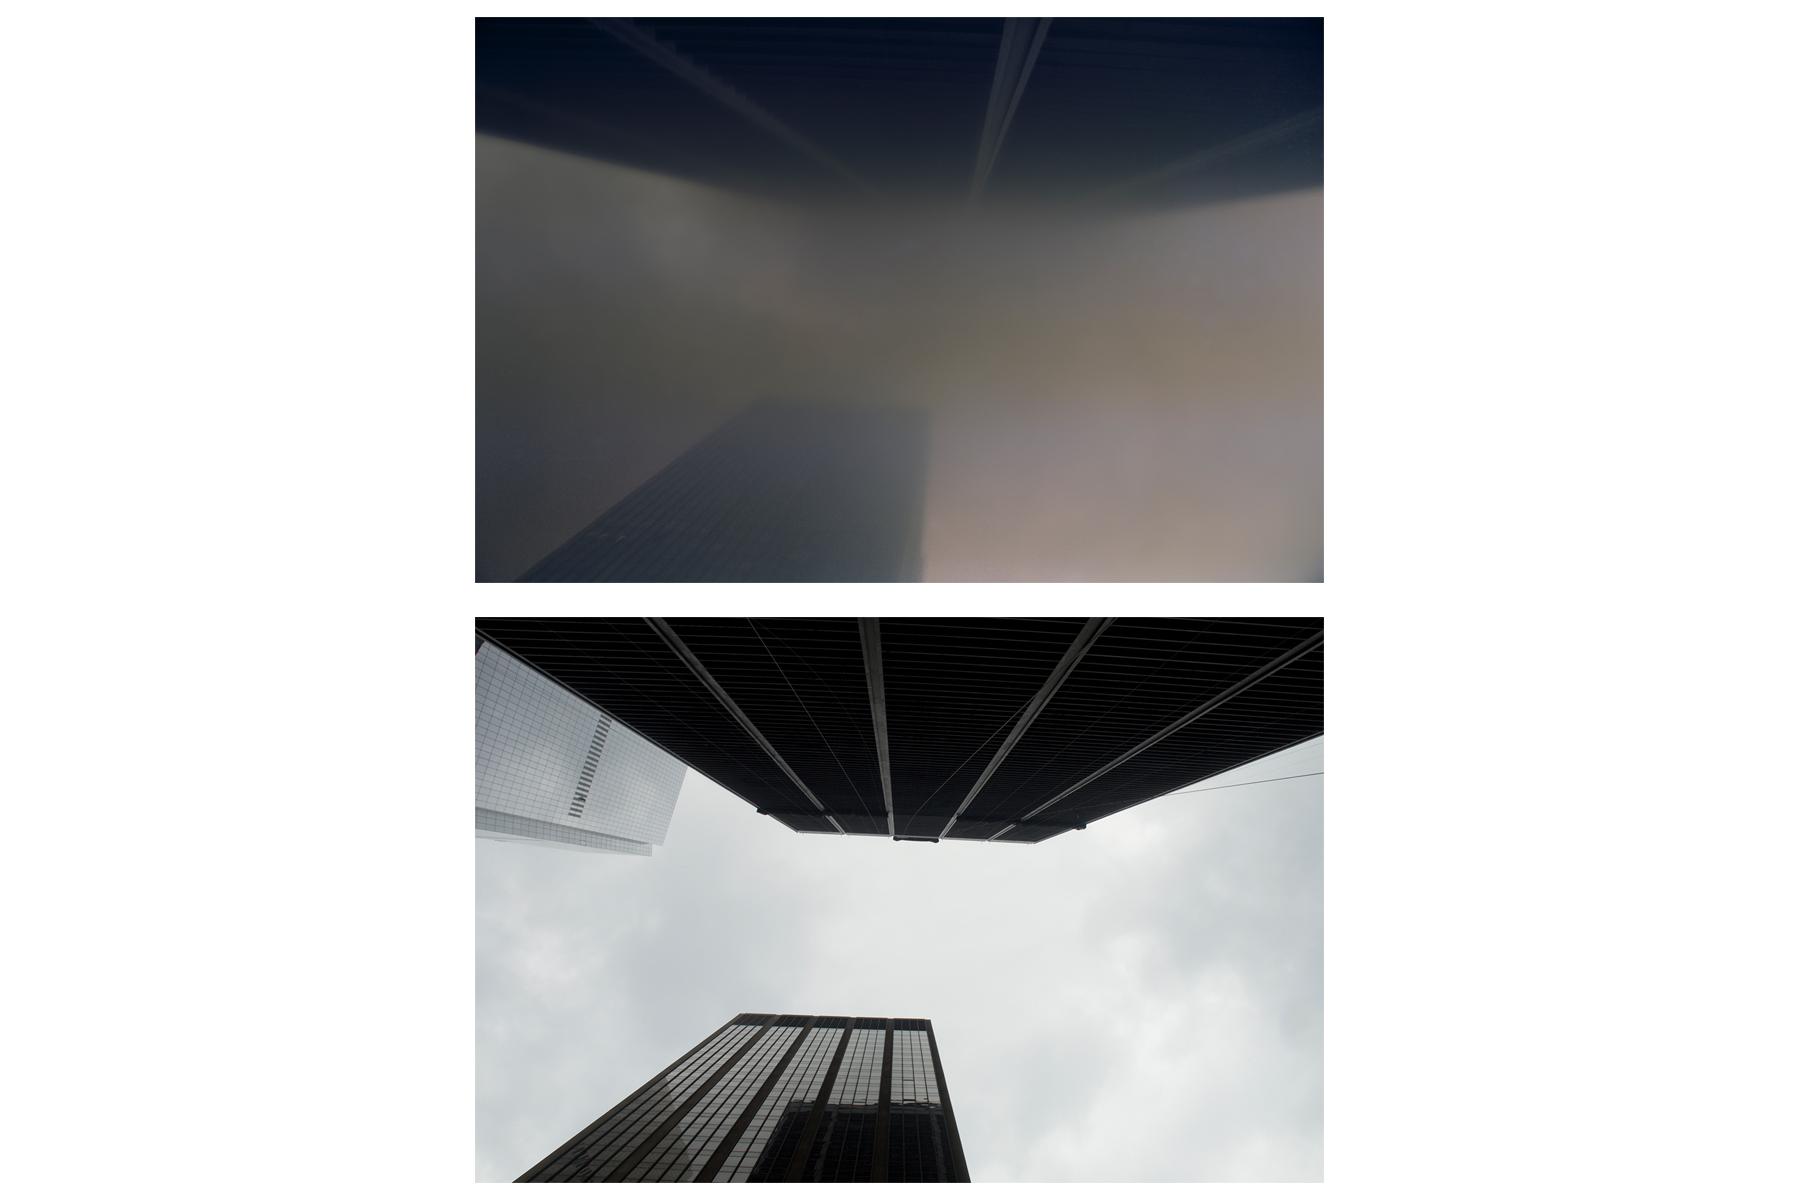 frame_1-26.jpg